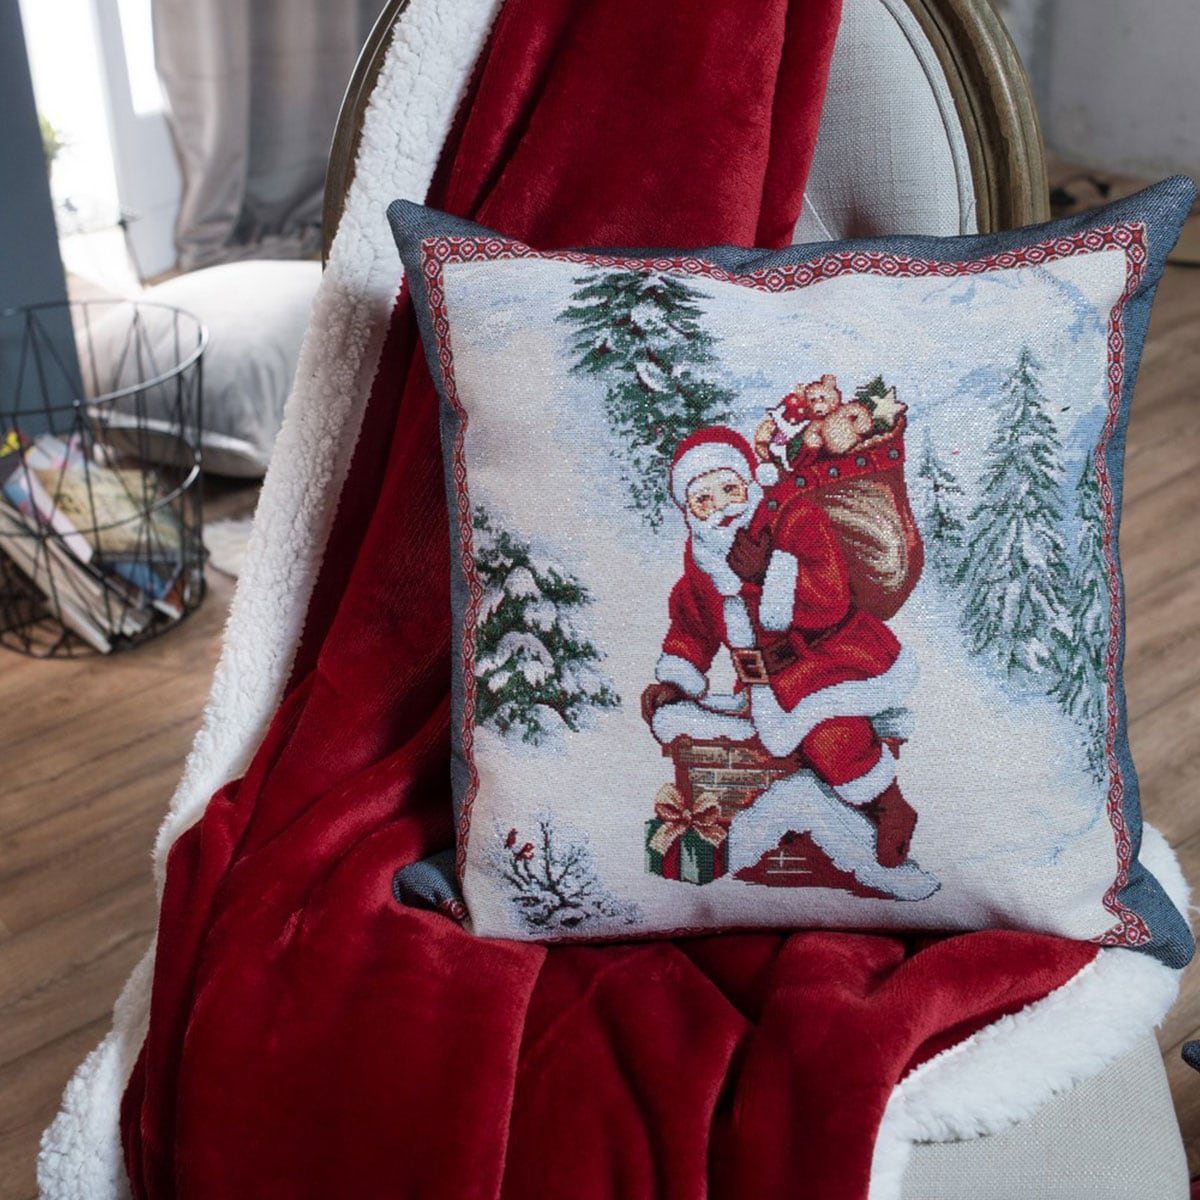 Μαξιλαροθήκη Διακοσμητική Χριστουγεννιάτικη Laponia Multi Teoran 45X45 45x45cm